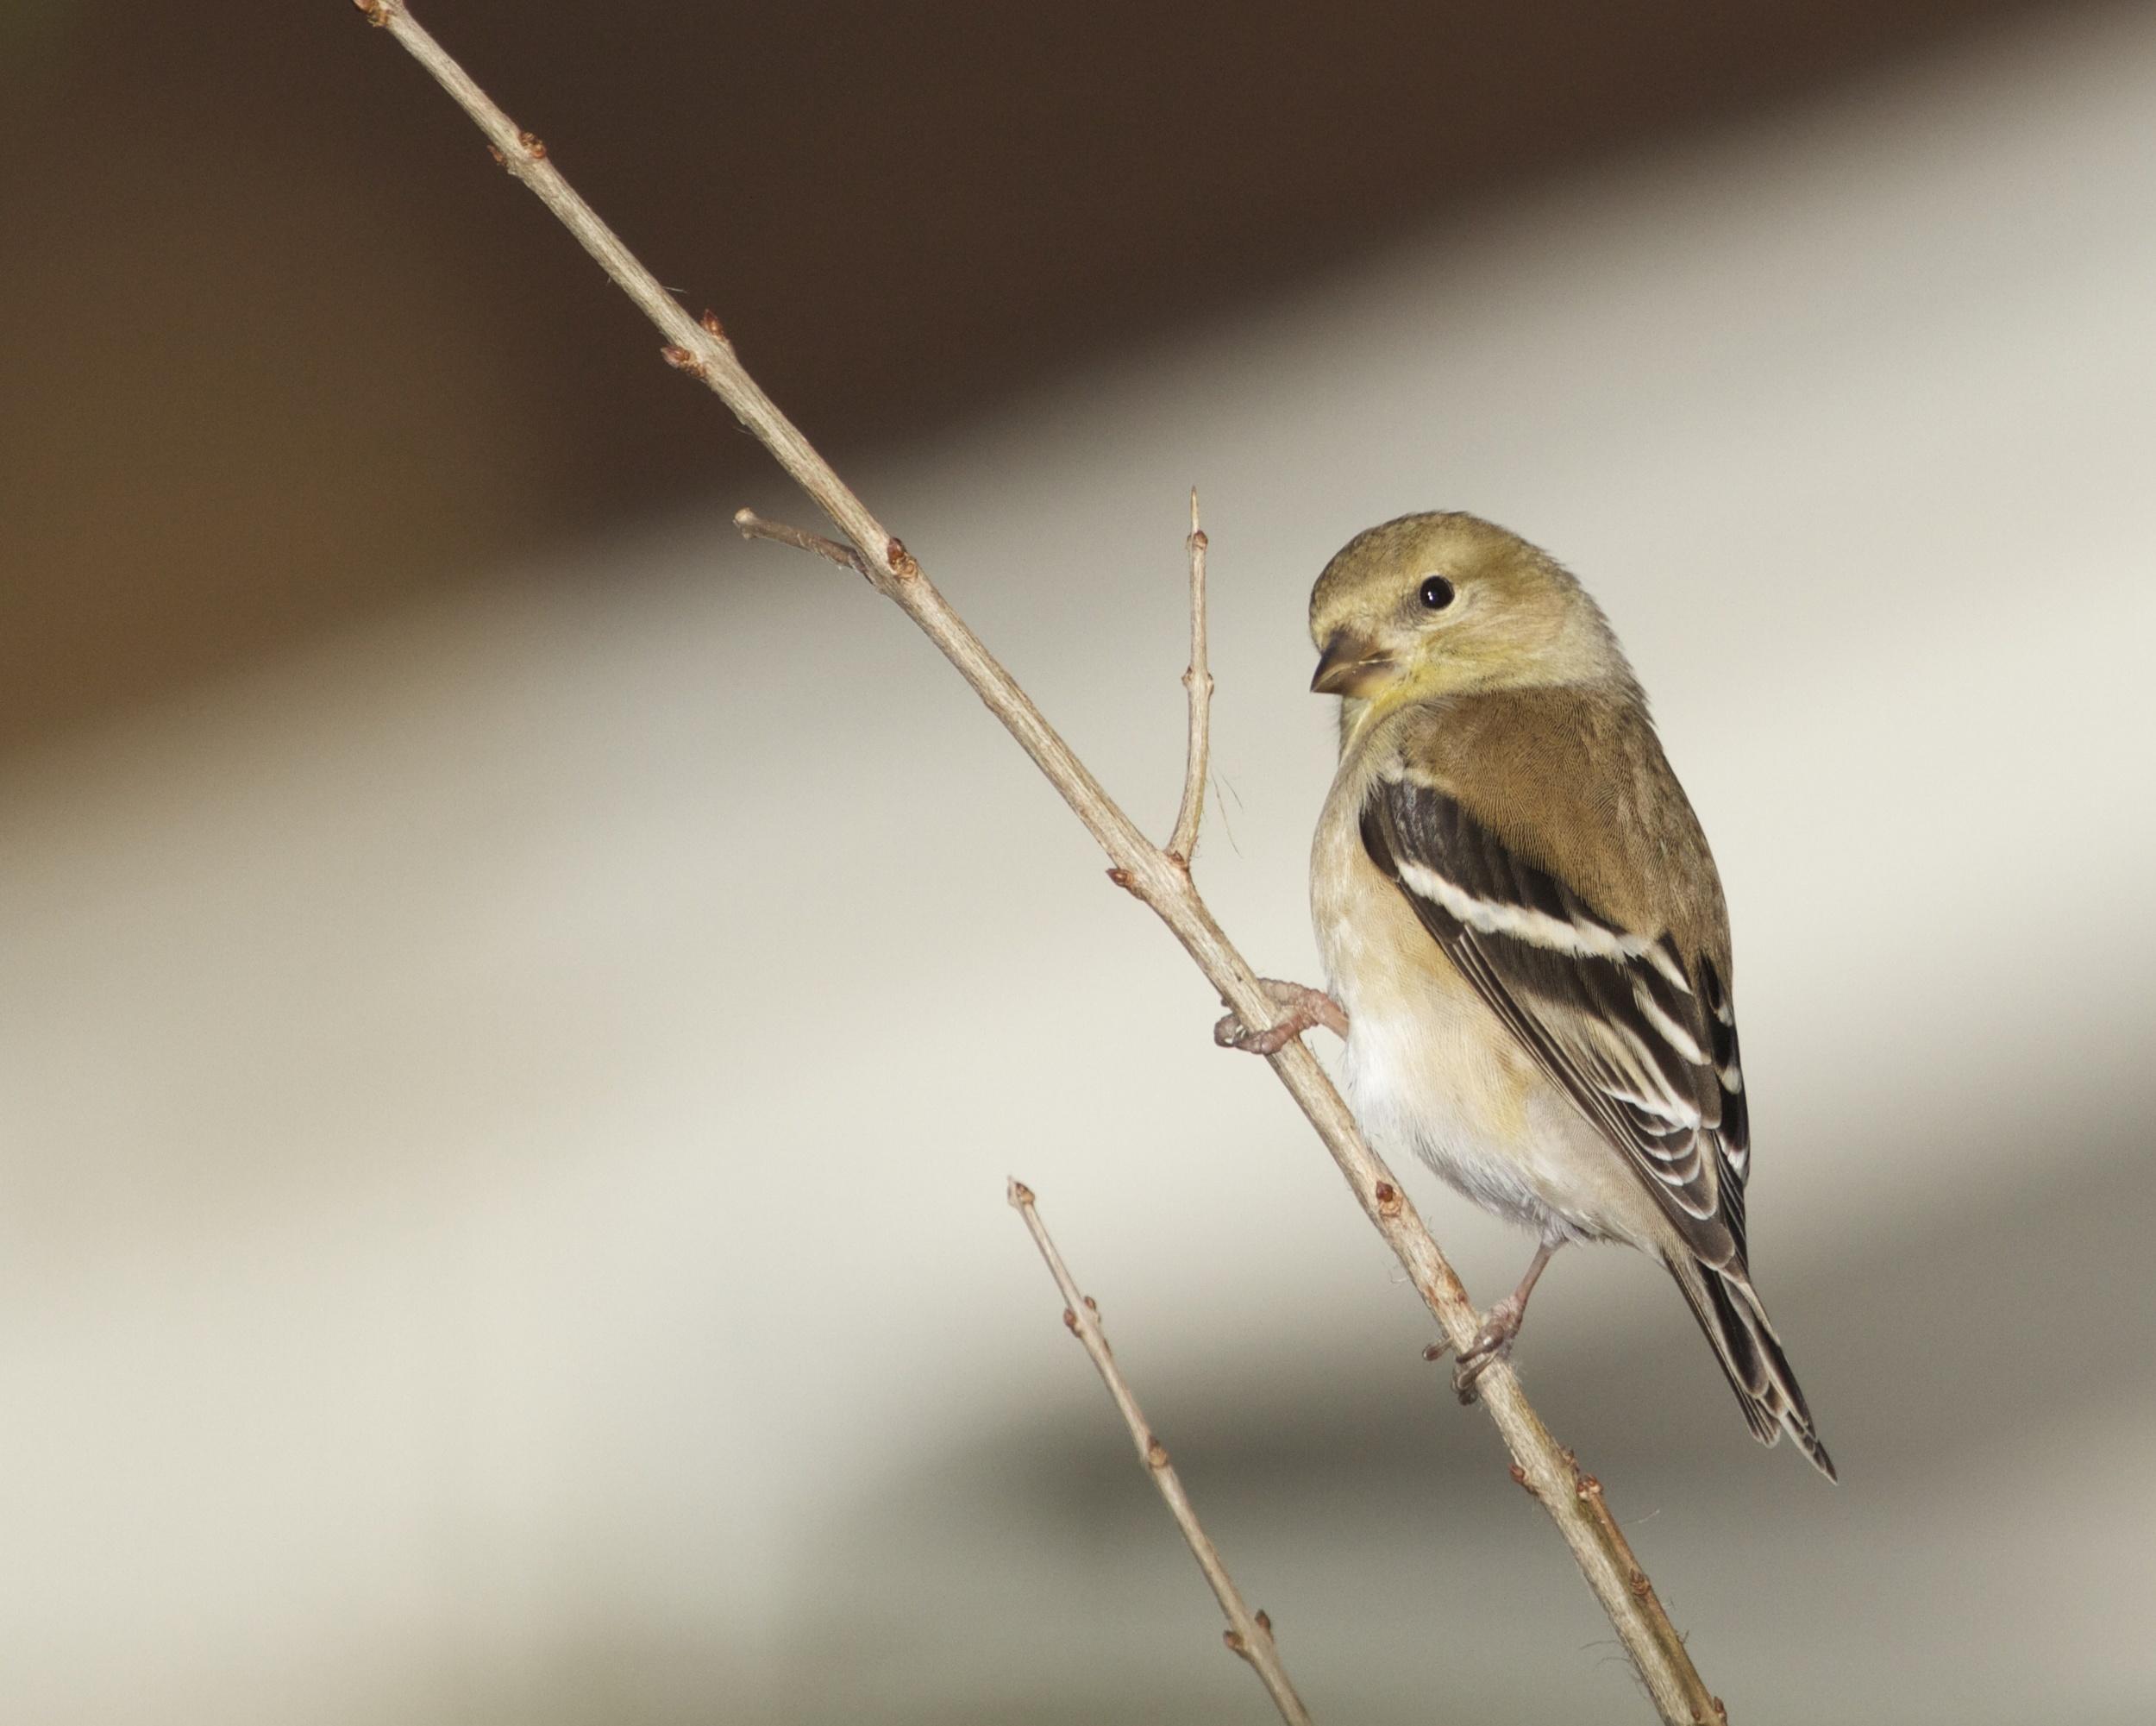 Goldfinch in winter garb.